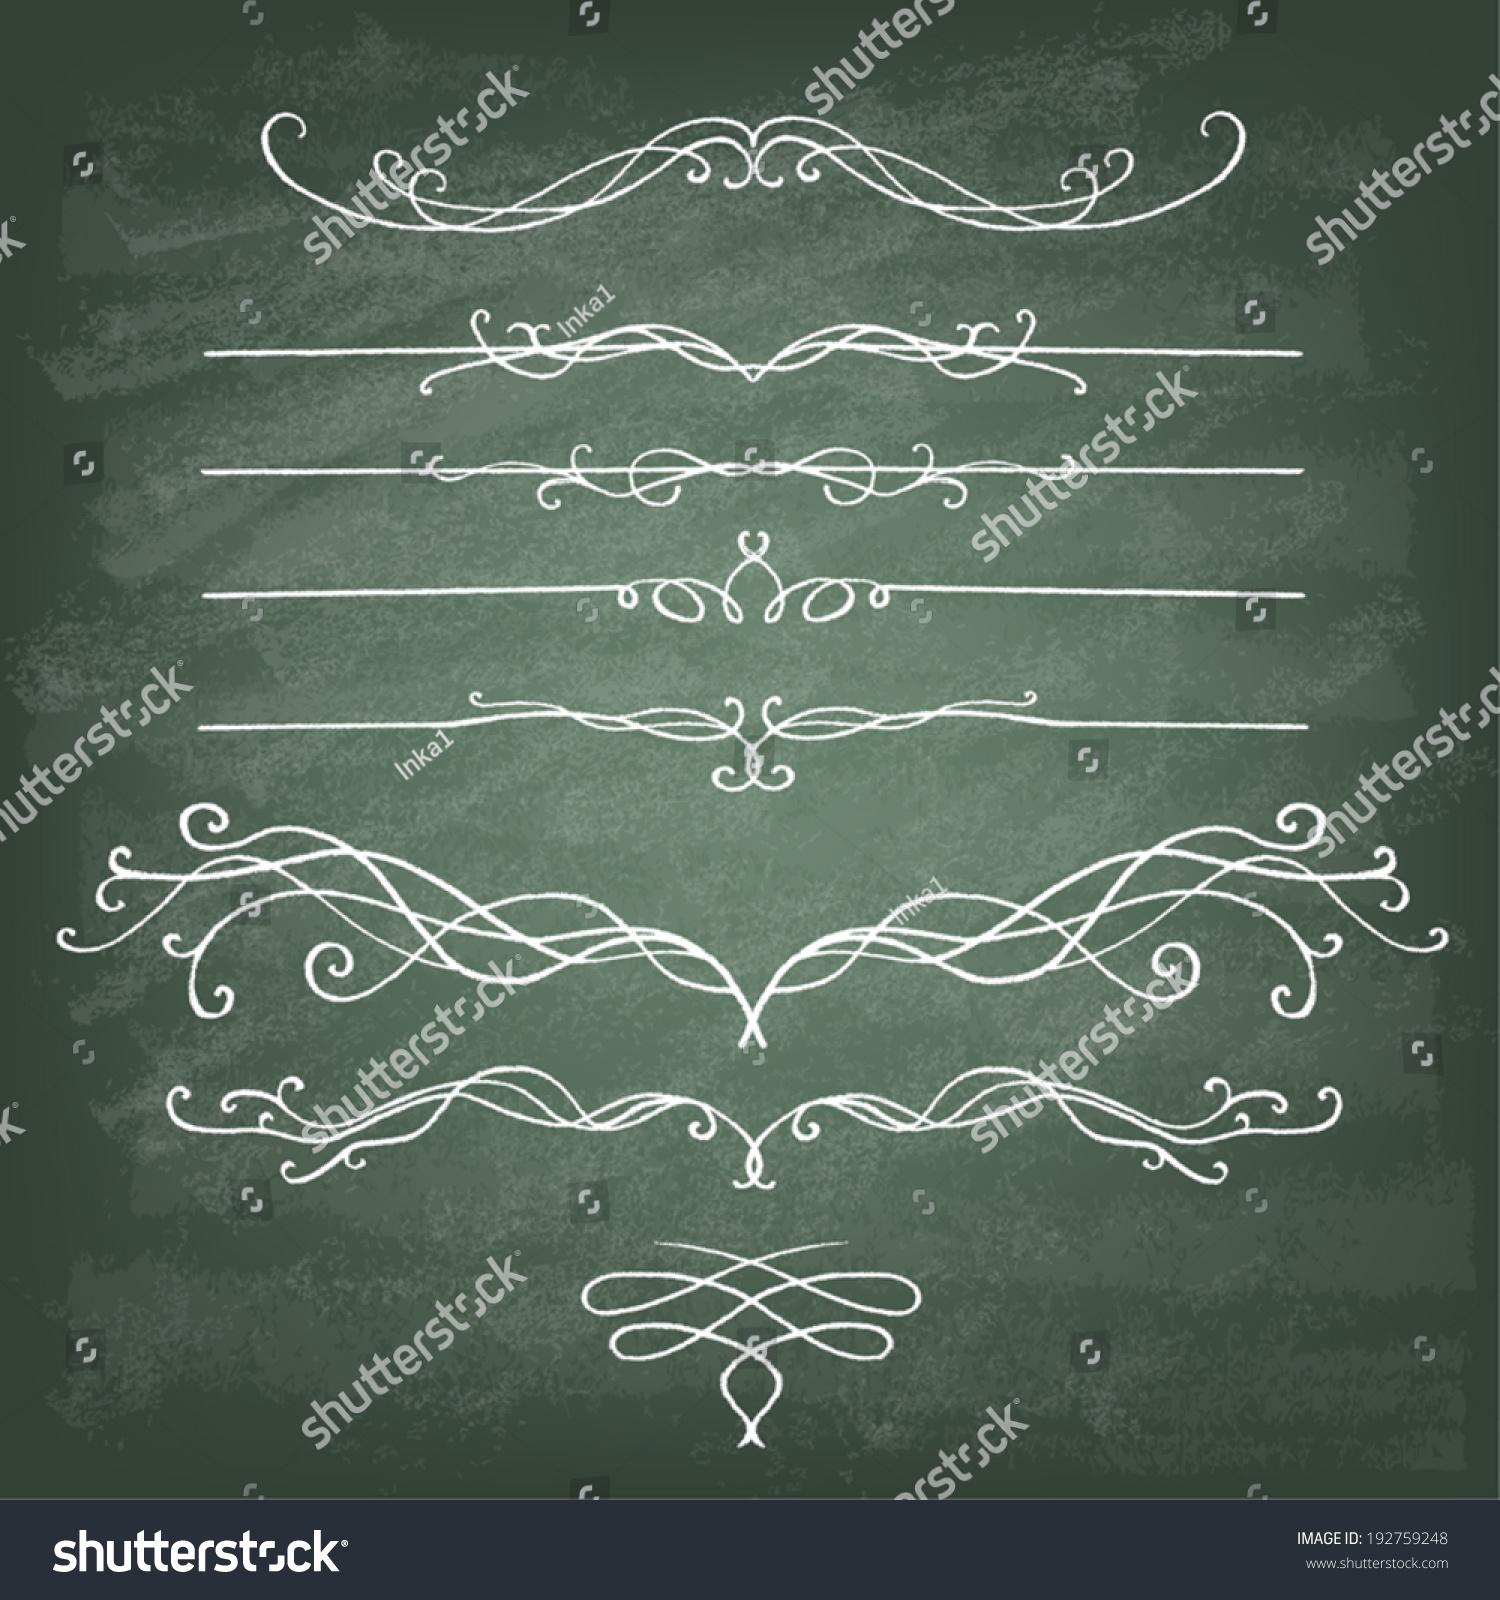 Vintage Calligraphy Chalkboard Design Elements Set Stock